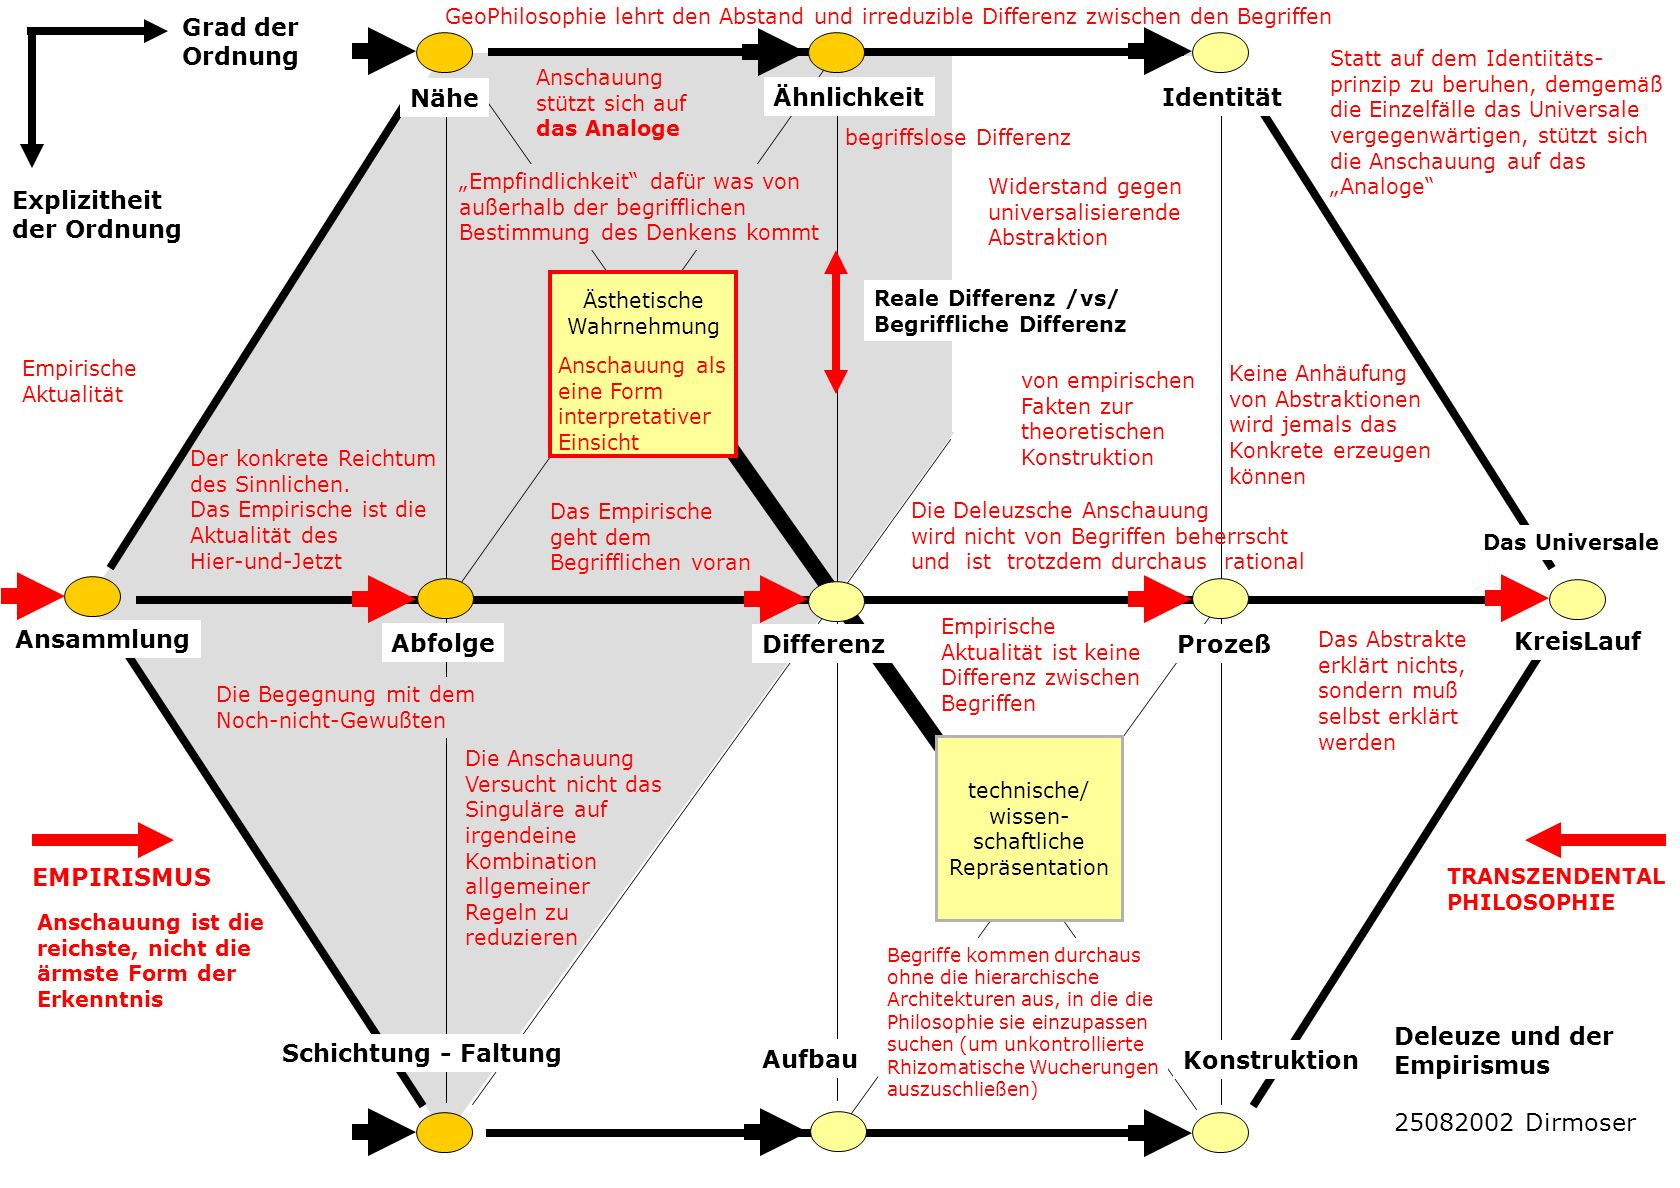 Ähnlichkeit Nähe Identität Ansammlung Abfolge DifferenzProzeß KreisLauf Schichtung - Faltung Aufbau Konstruktion Explizitheit der Ordnung Grad der Ord